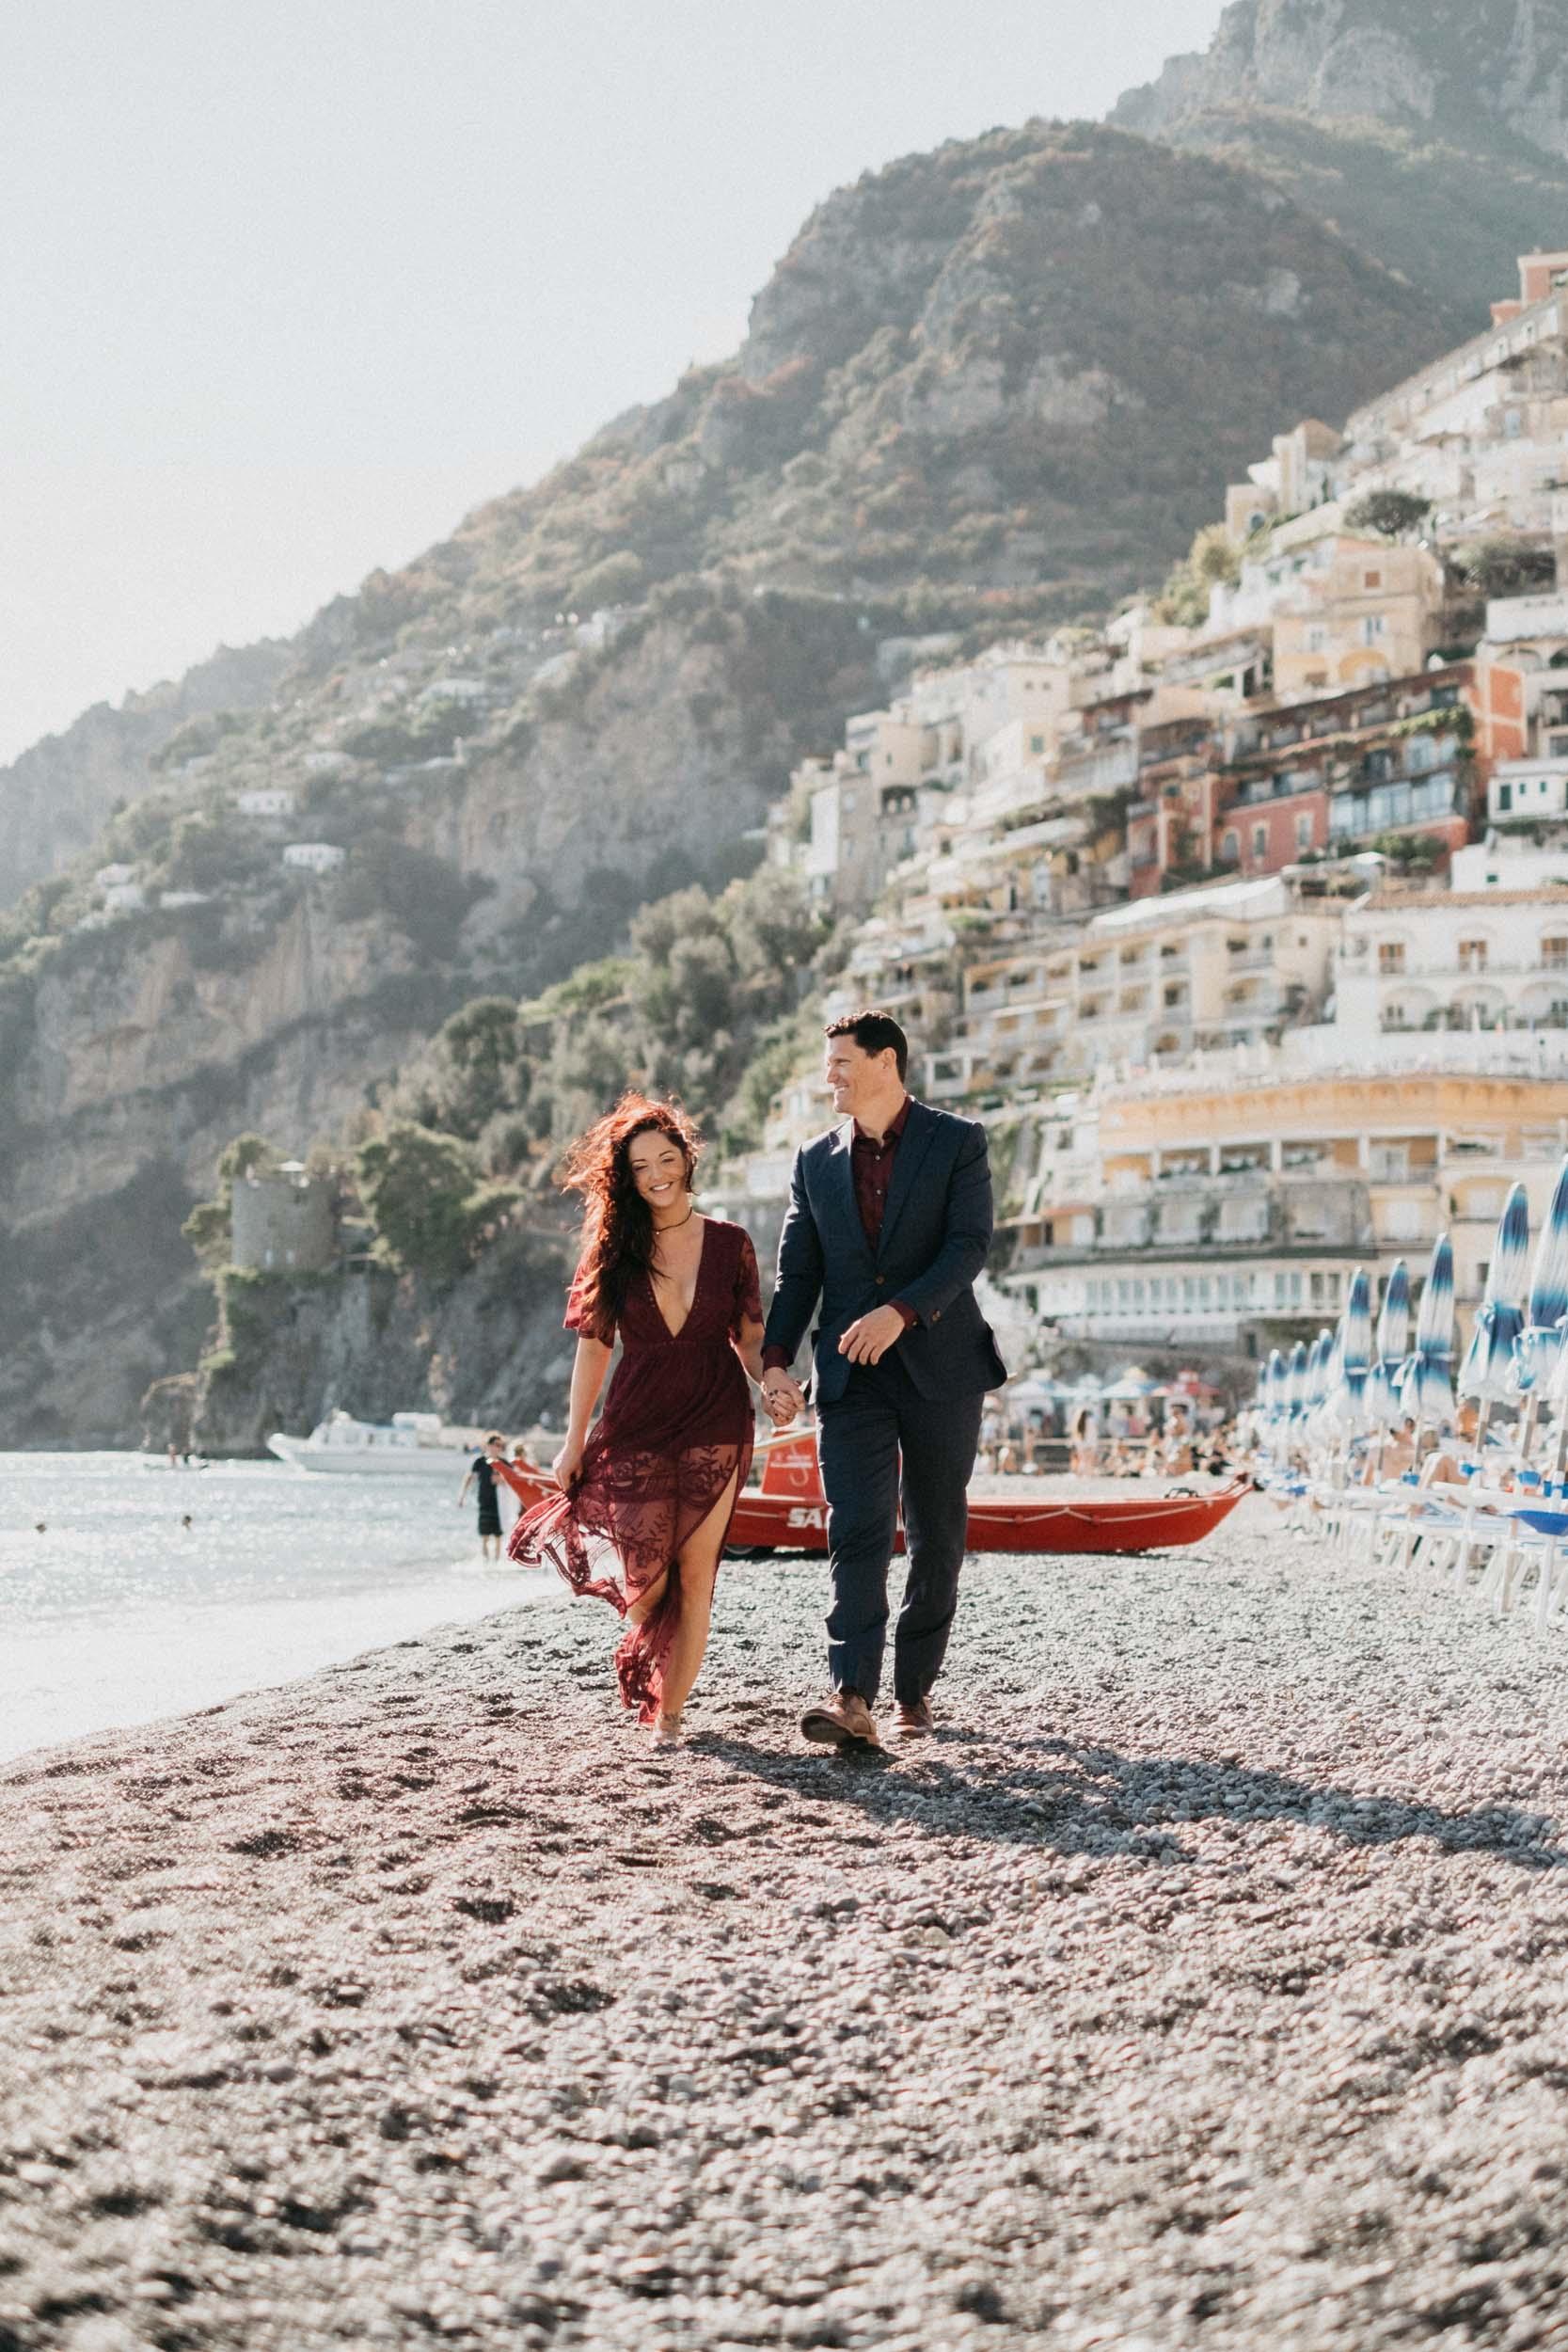 Flytographers Mary & Maurizio in Amalfi Coast